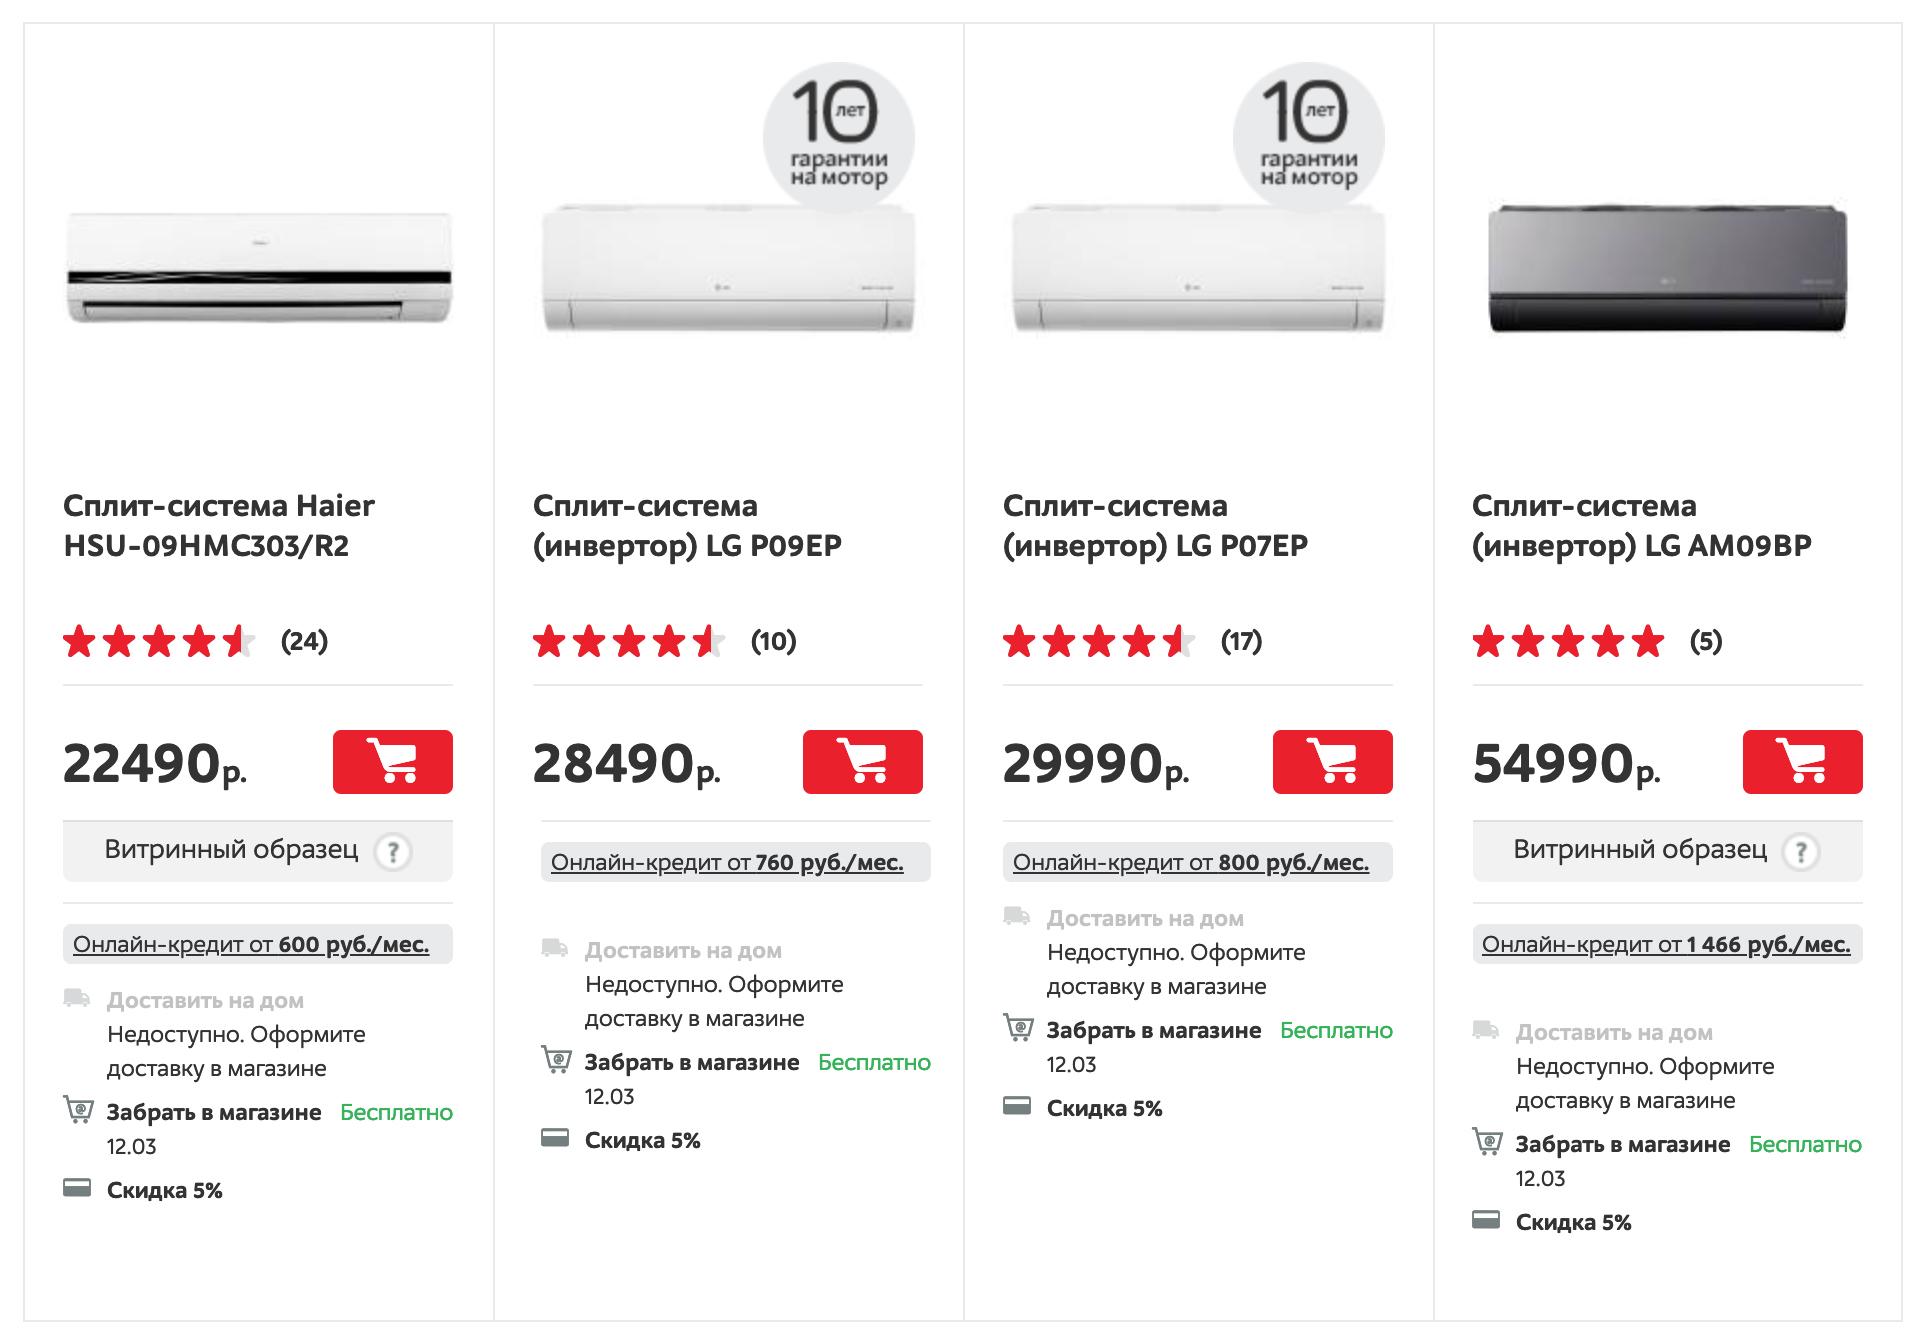 Эльдорадо сравнение цен - Как купить кондиционер (сплит систему) с бесплатной установкой и не прогадать?